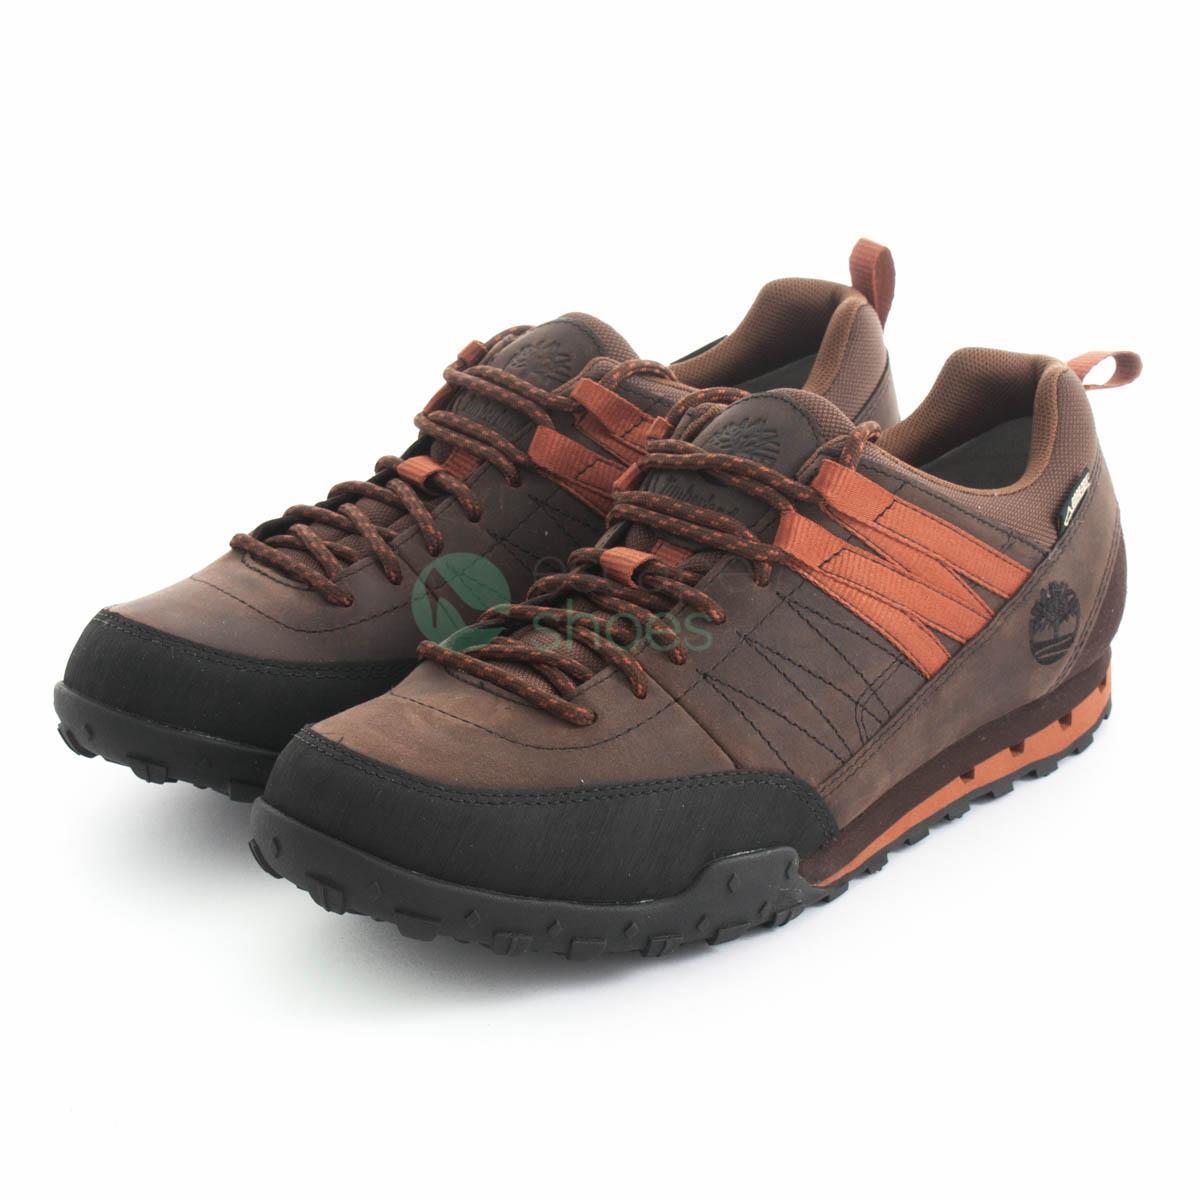 Greeley Brown Aquí Timberland Compra Zapatillas Tus Approach Low 1H4qOPIwx